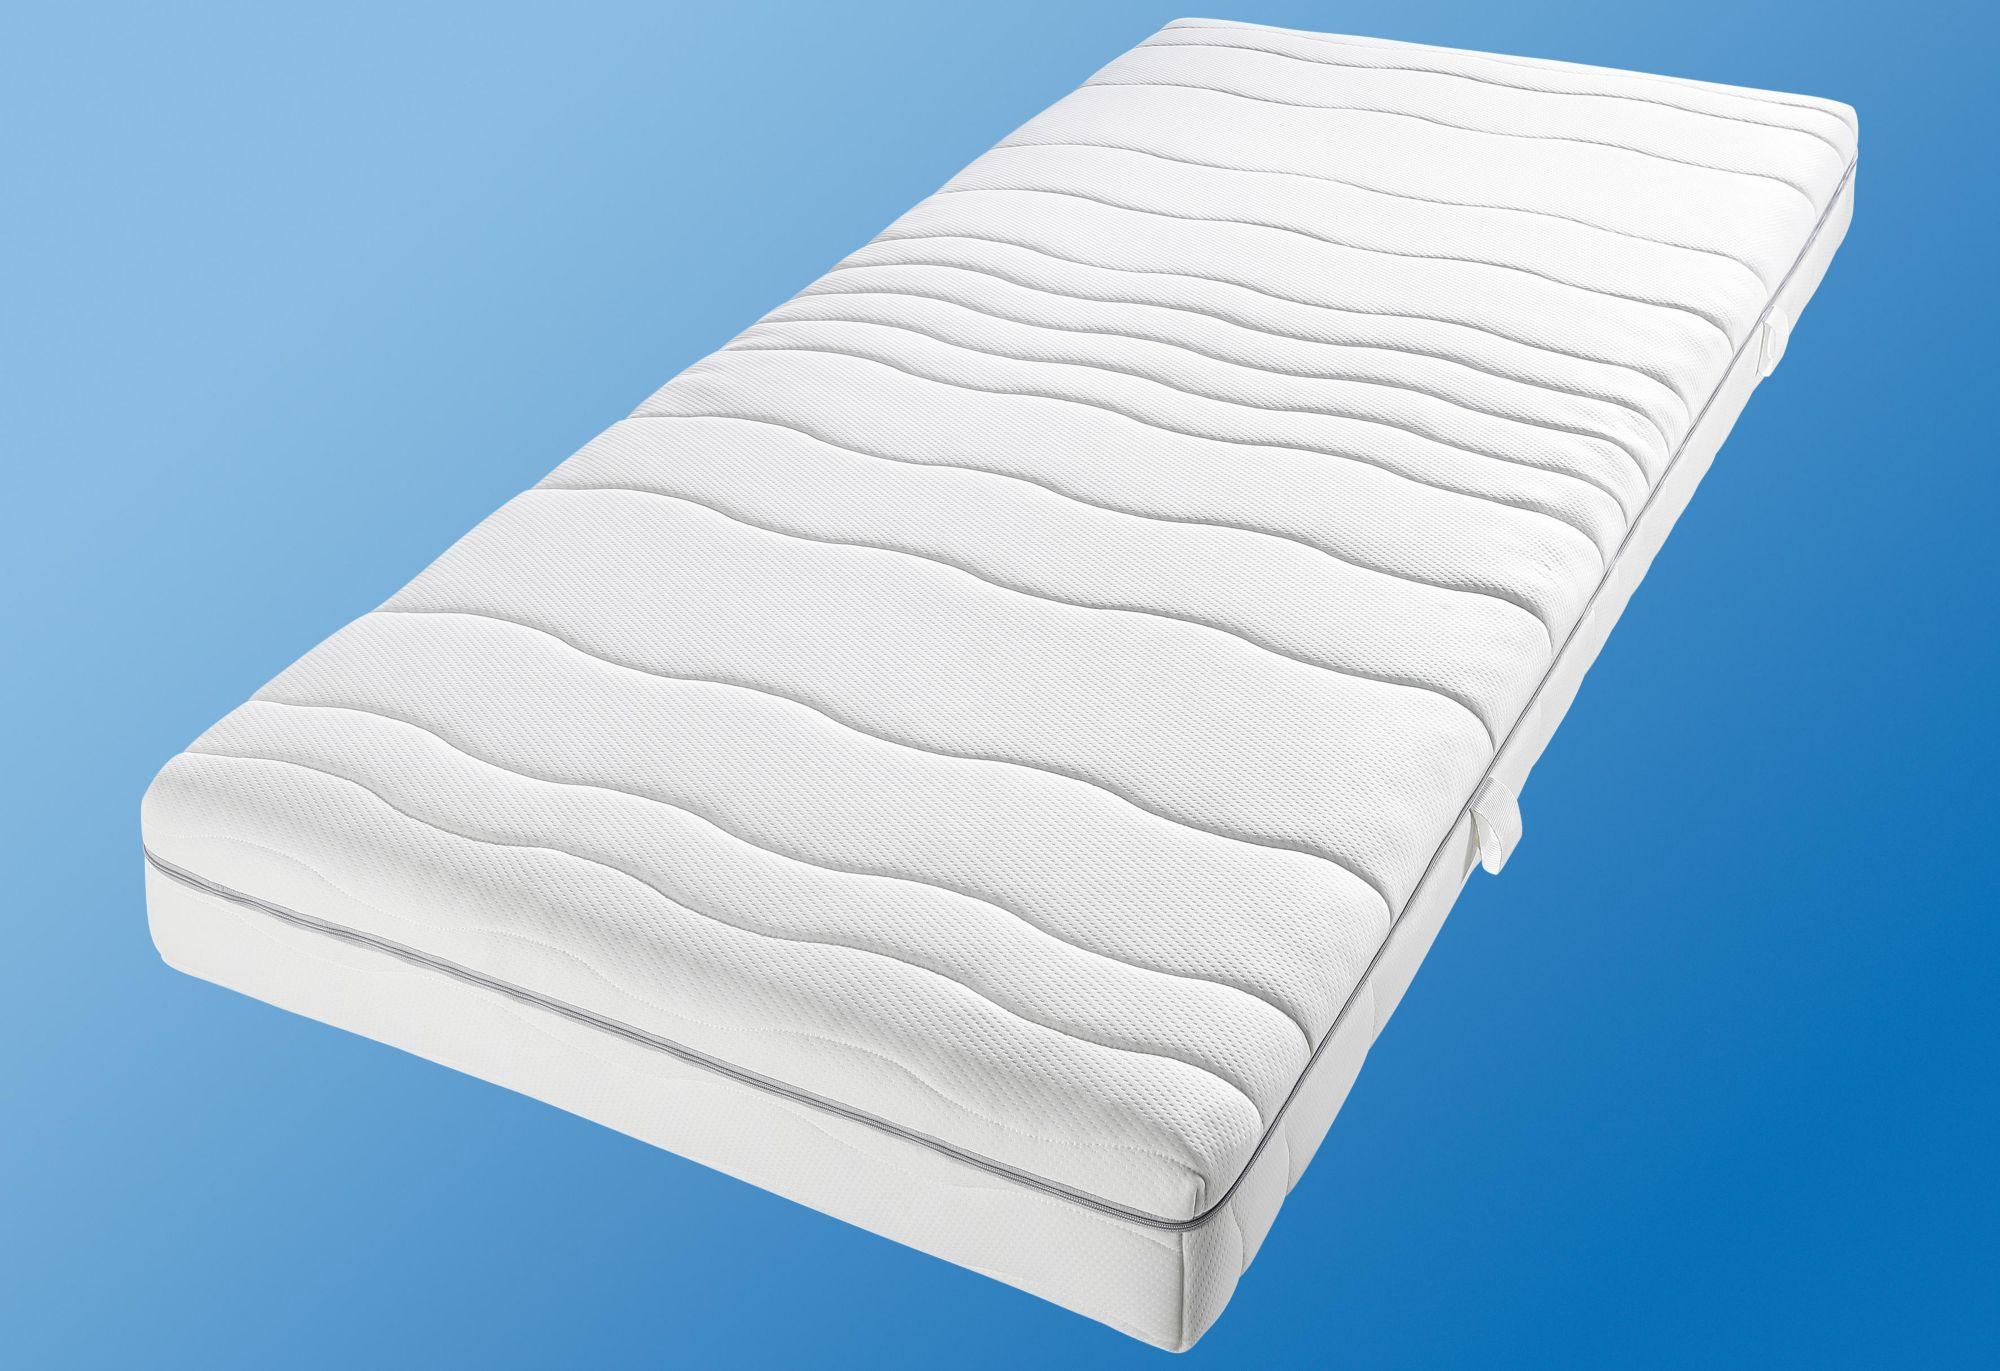 BECO Gelschaummatratze, »My Sleep Gel«, BeCo, 18 cm hoch, Raumgewicht: 28, 7 Zonen-Matratze mit Gelschaum-Topper inside